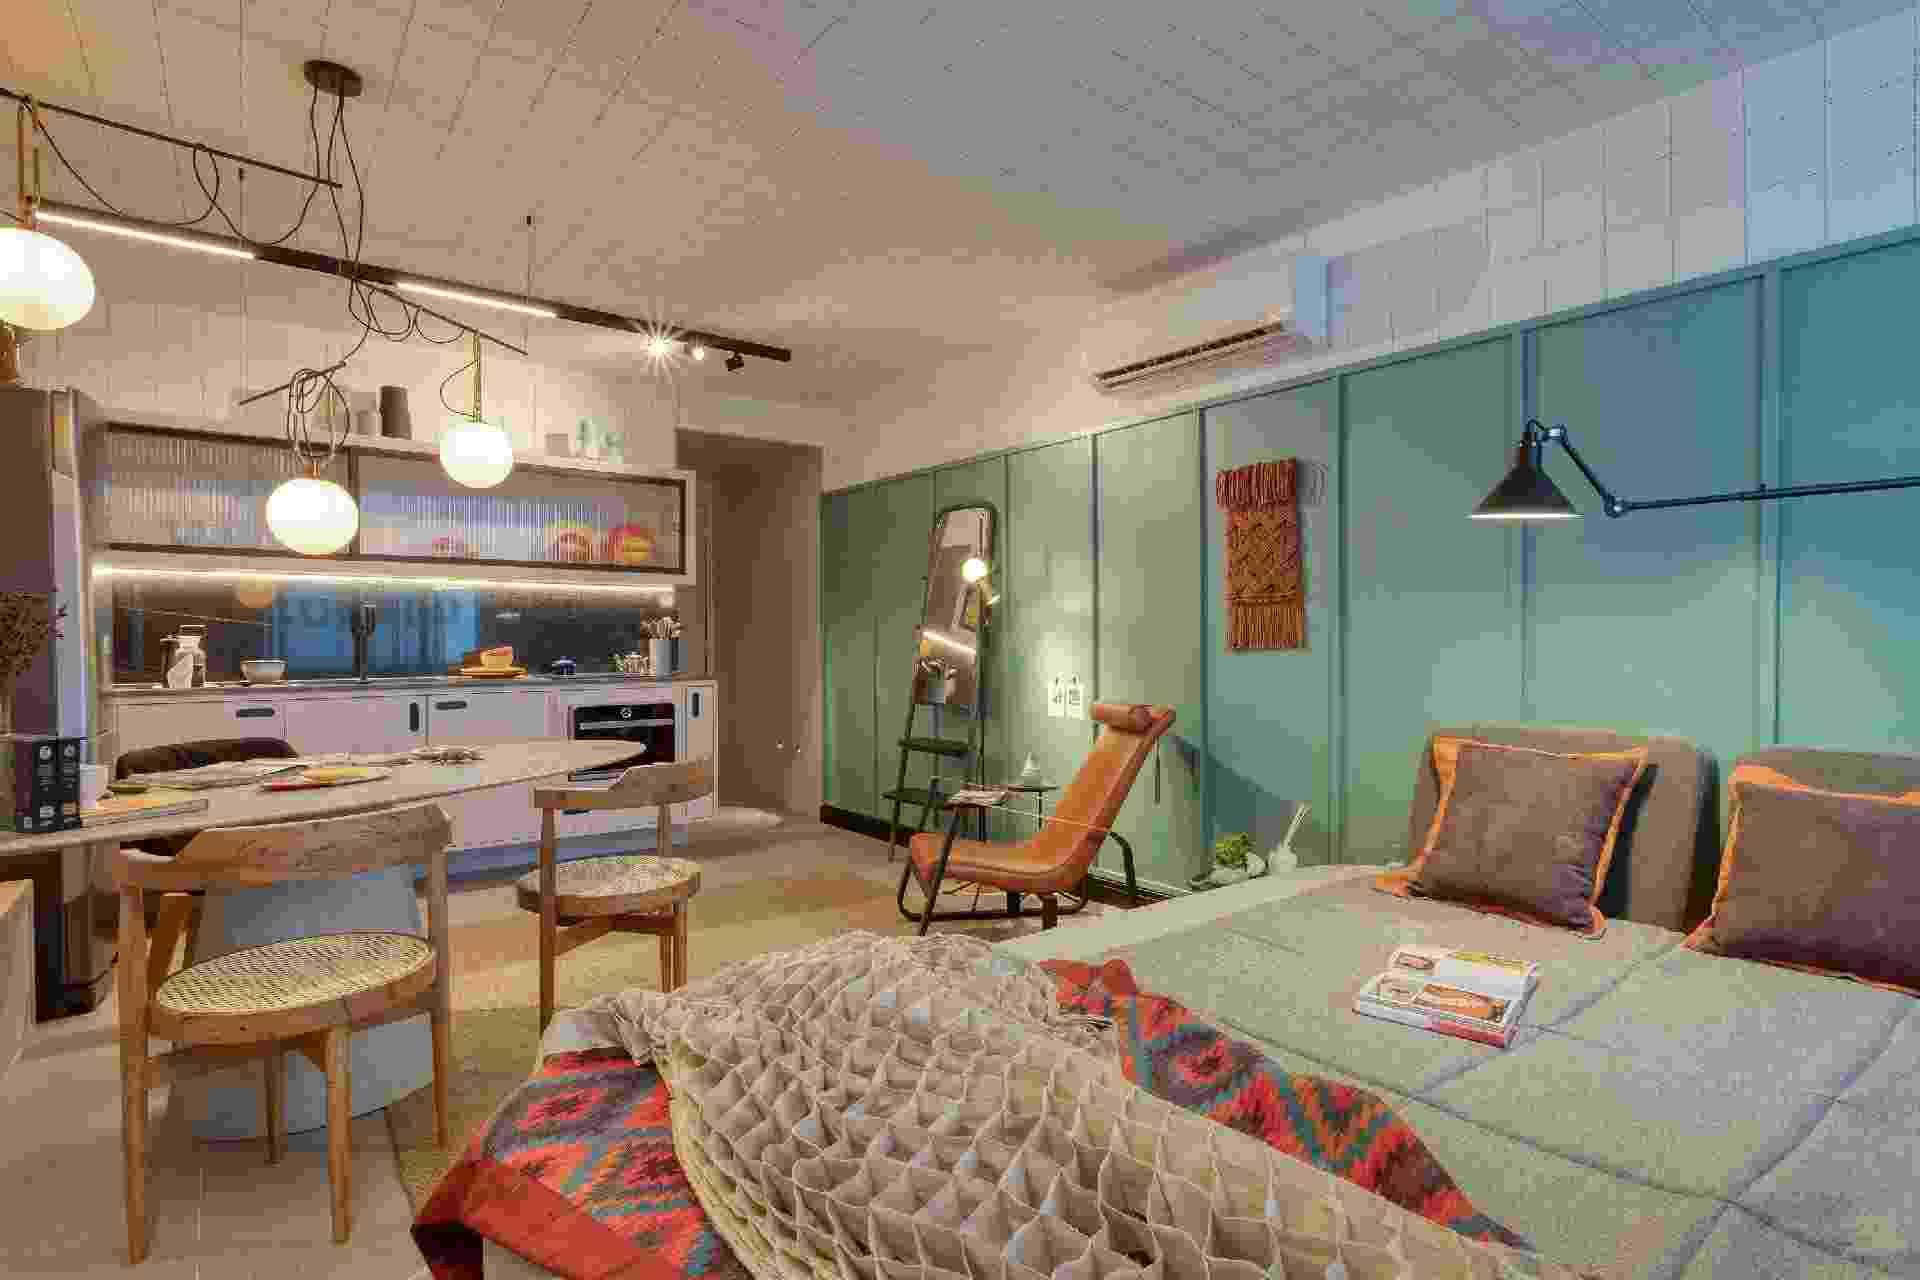 Studio de 32m² mistura conforto e estilo para o dia a dia com o home office - Cité Arquitetura